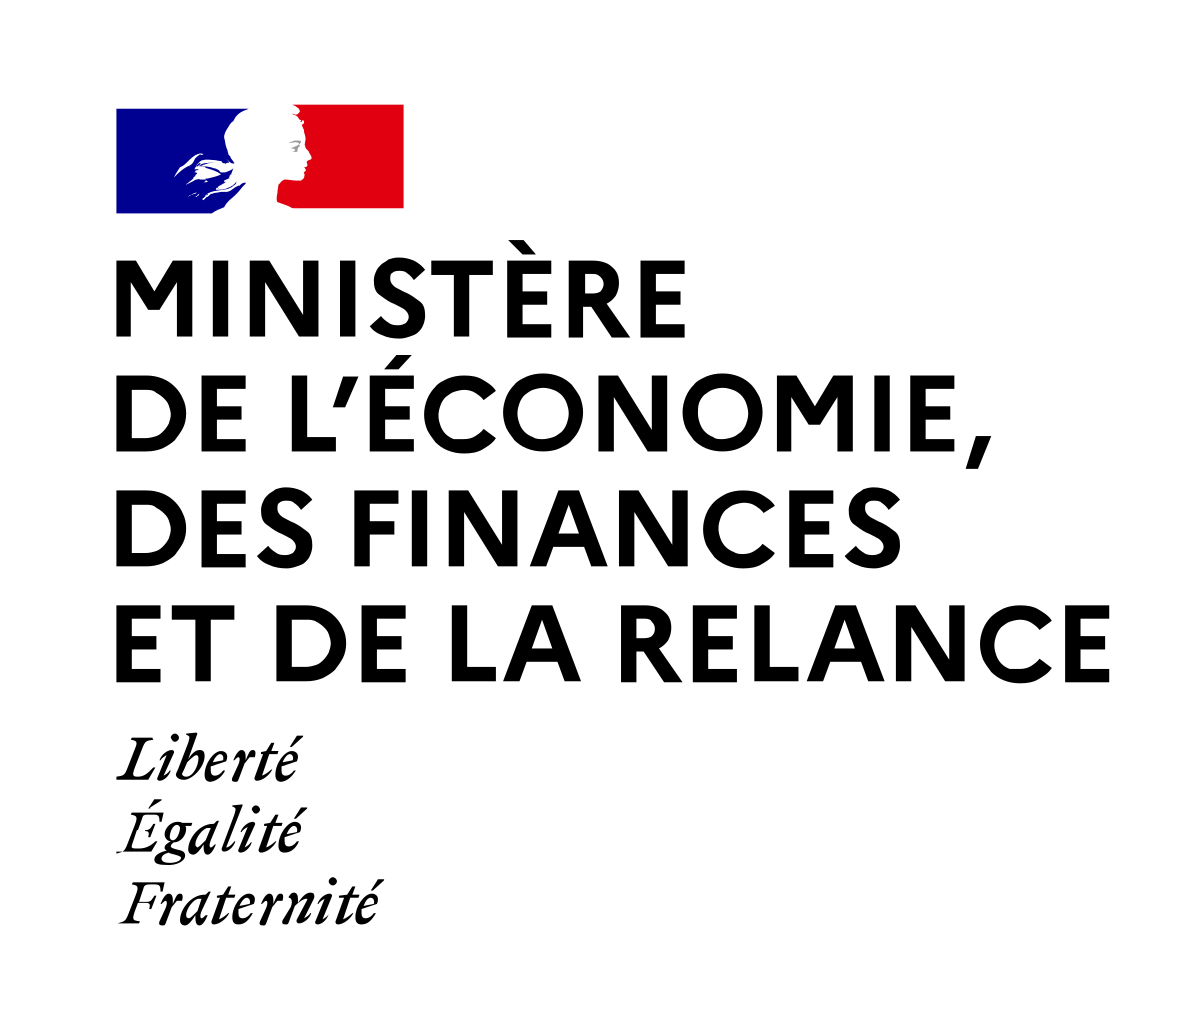 minist economie.png